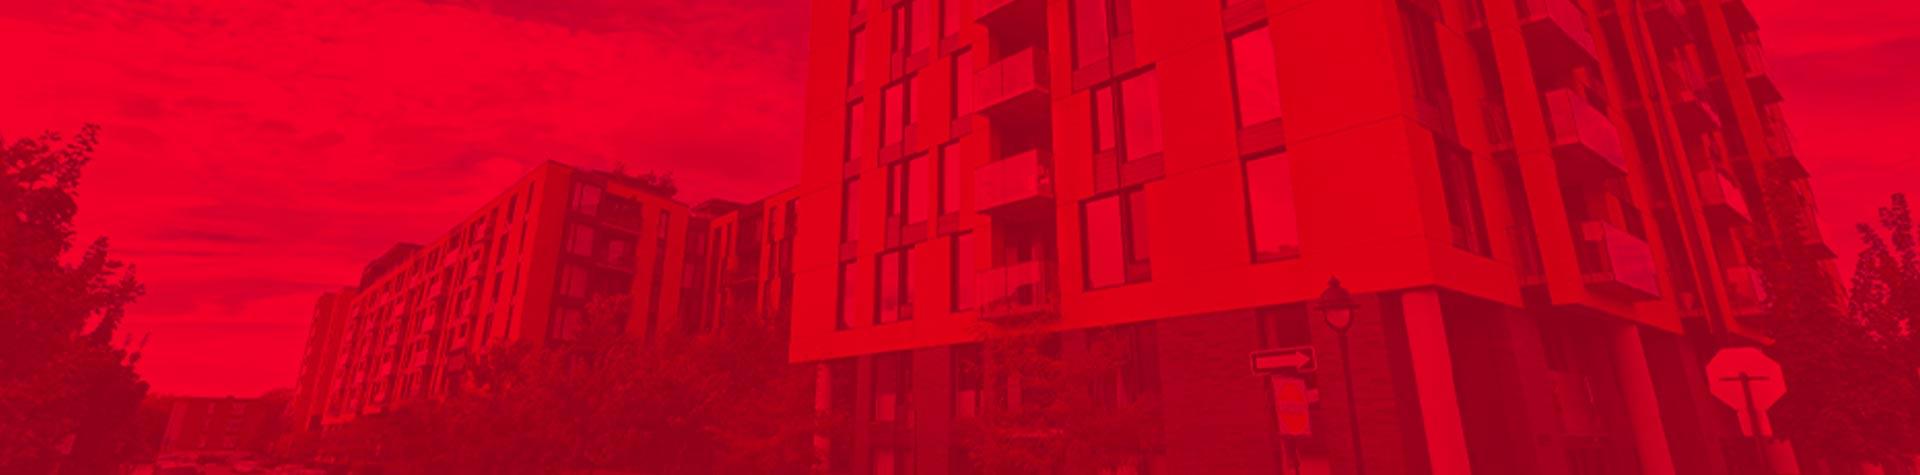 Quartier 54 (group2)